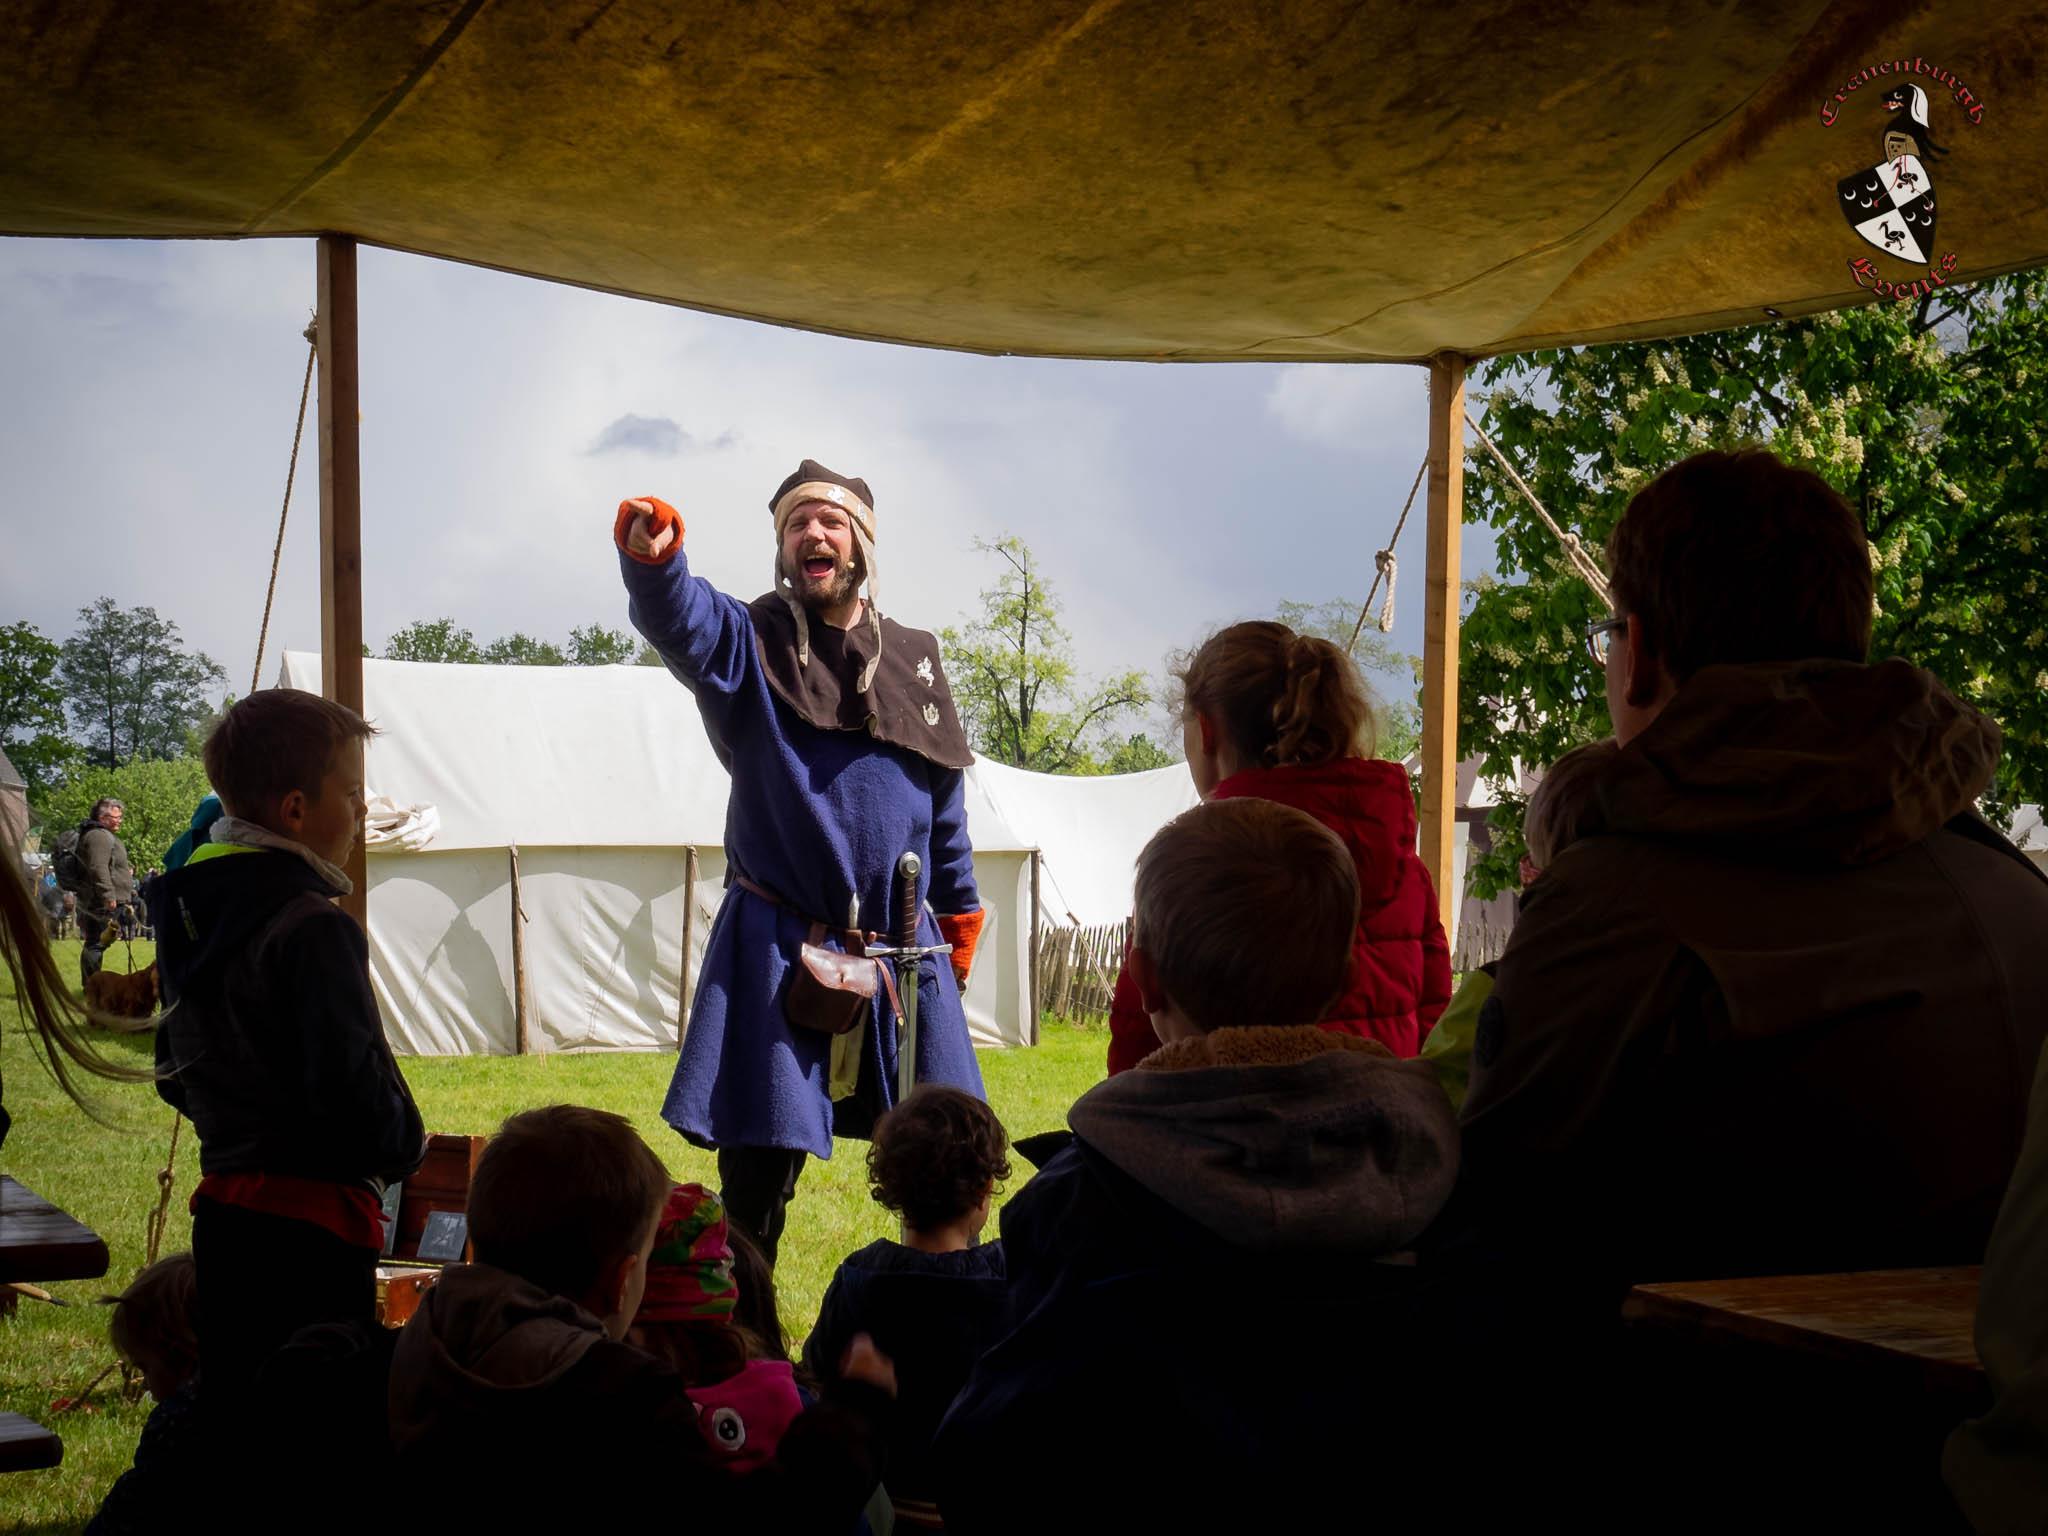 Middeleeuws-Festijn-Cannenburgh-2019-Ellen-la-Faille-27